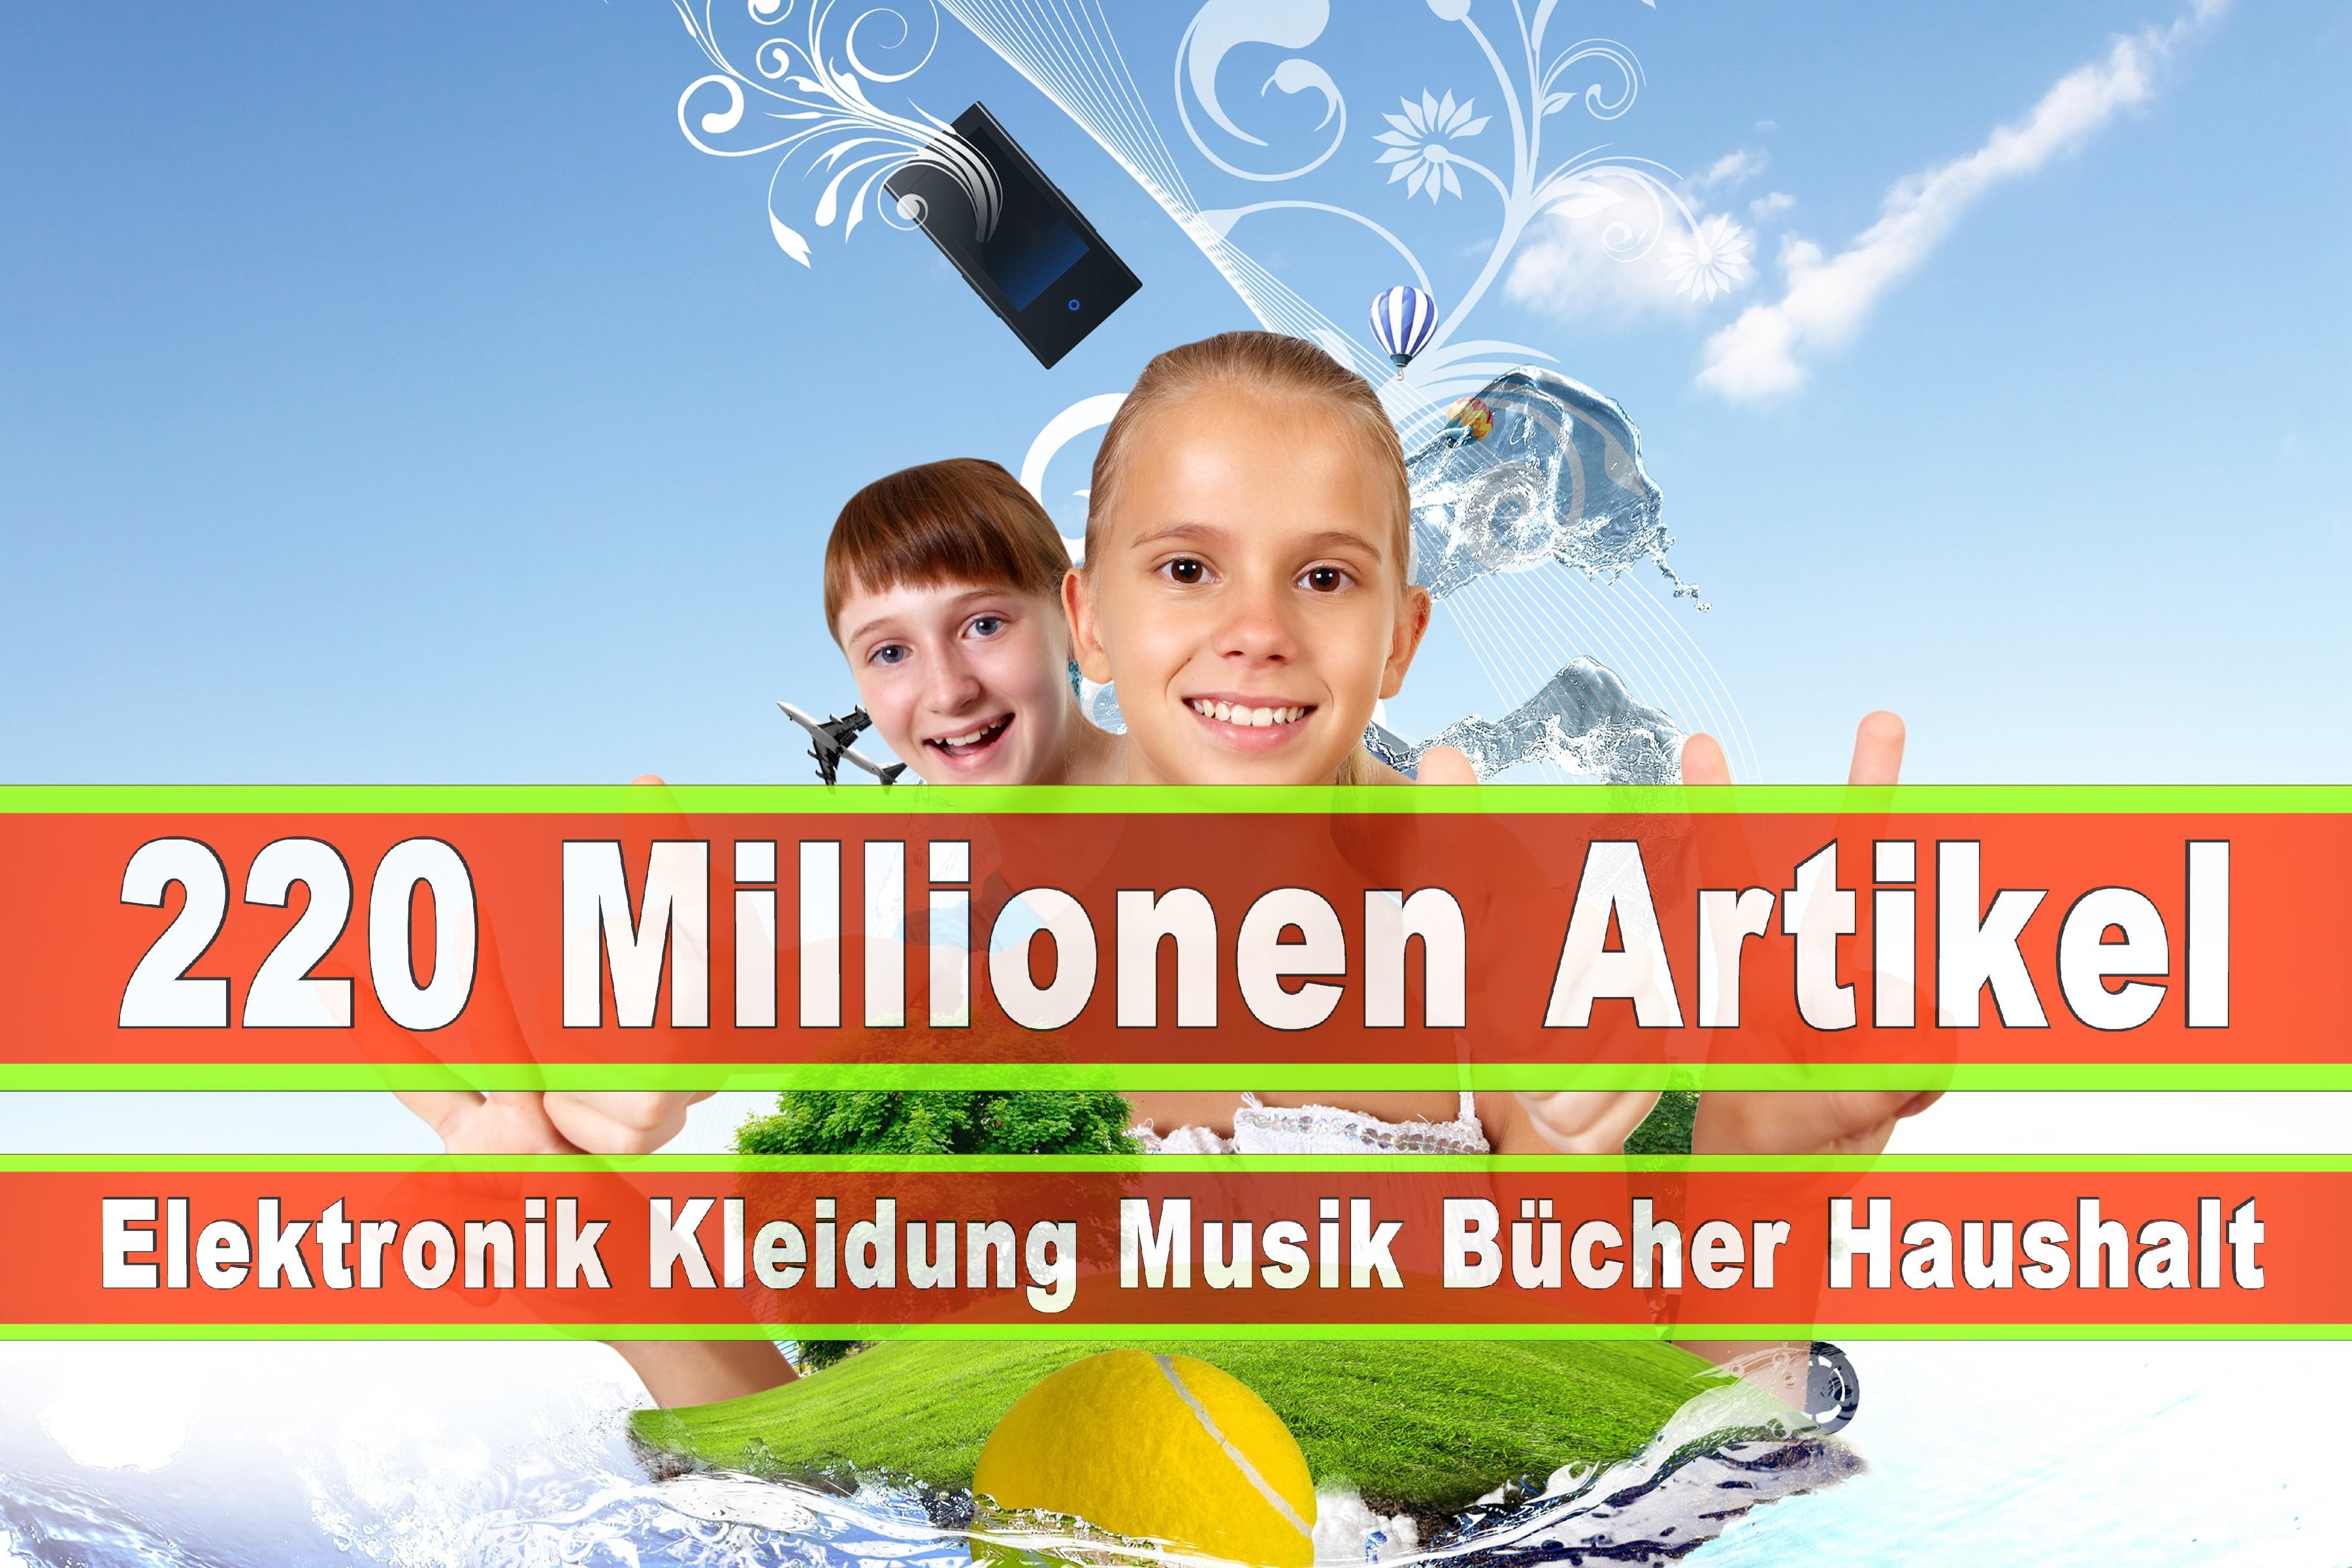 Amazon Elektronik Musik Haushalt Bücher CD DVD Handys Smartphones TV Television Fernseher Kleidung Mode Ebay Versandhaus (200)